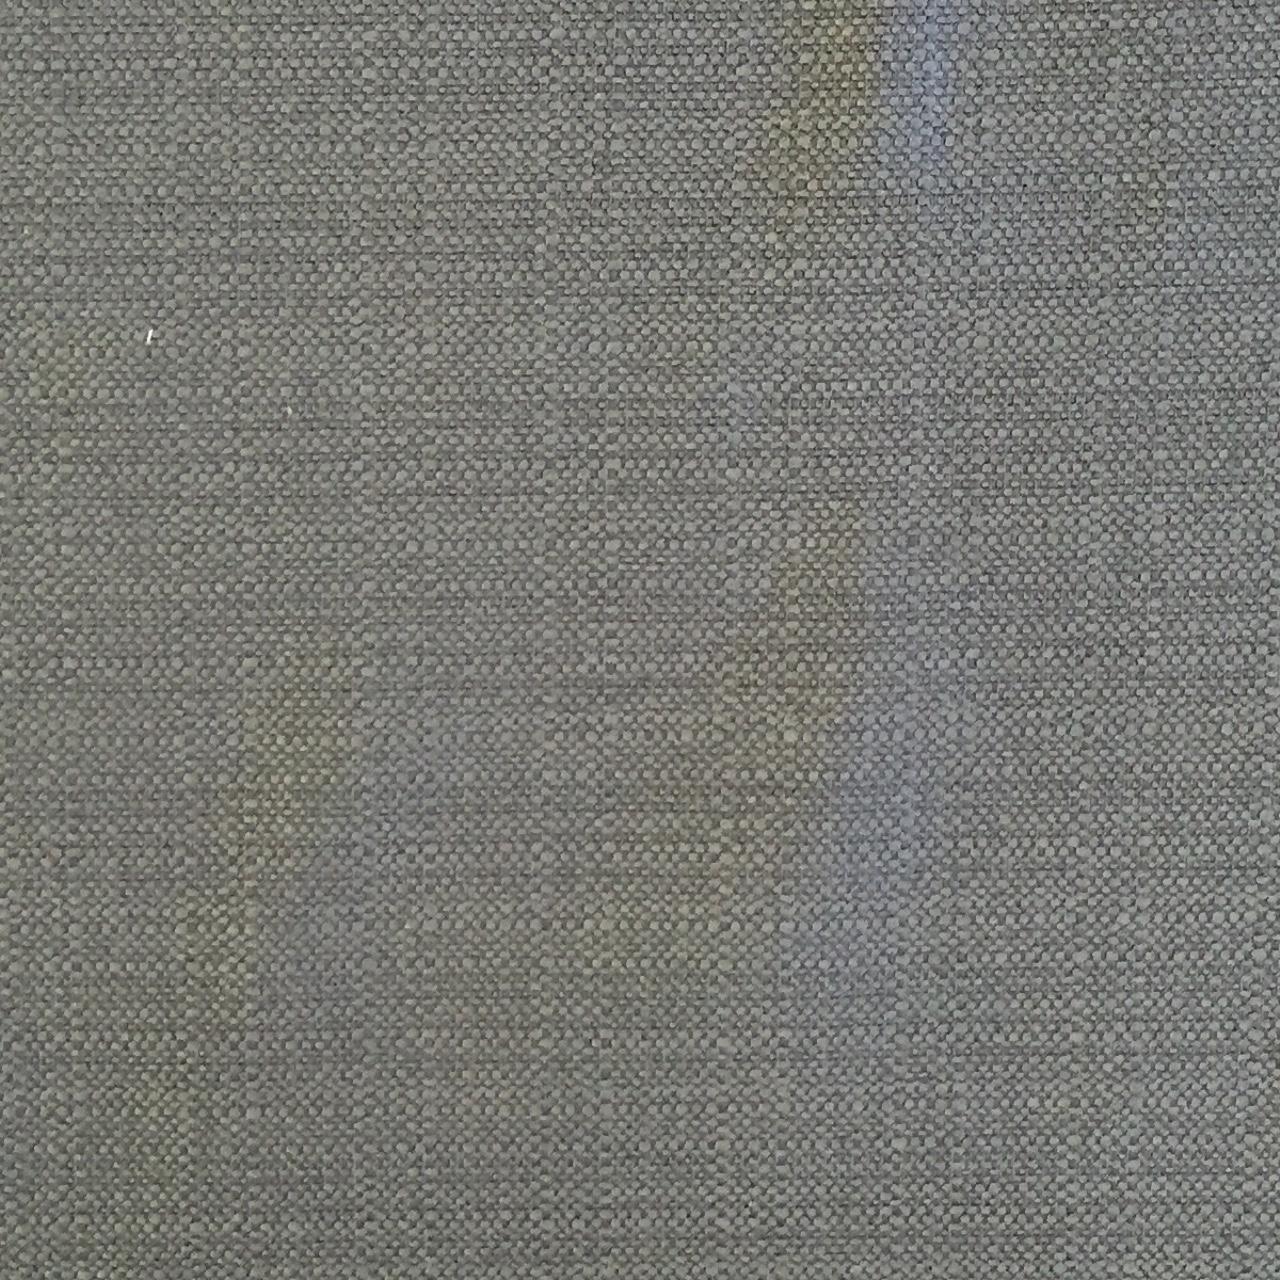 Zinc Textured Linen